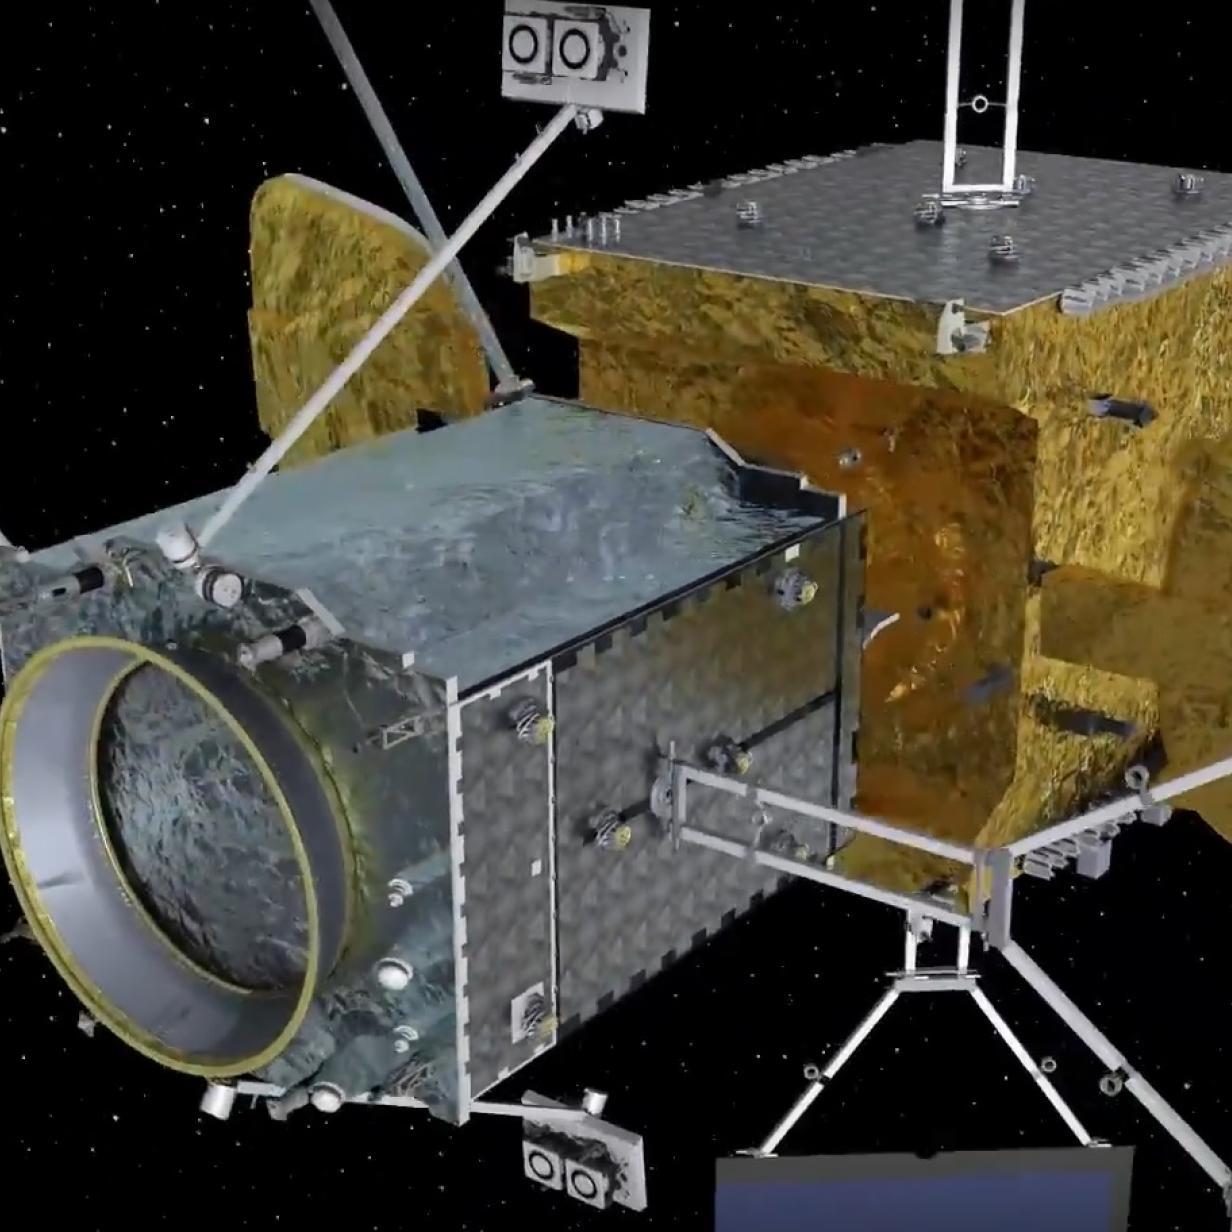 Neues Raumfahrzeug verlängert Einsatzdauer von Satelliten